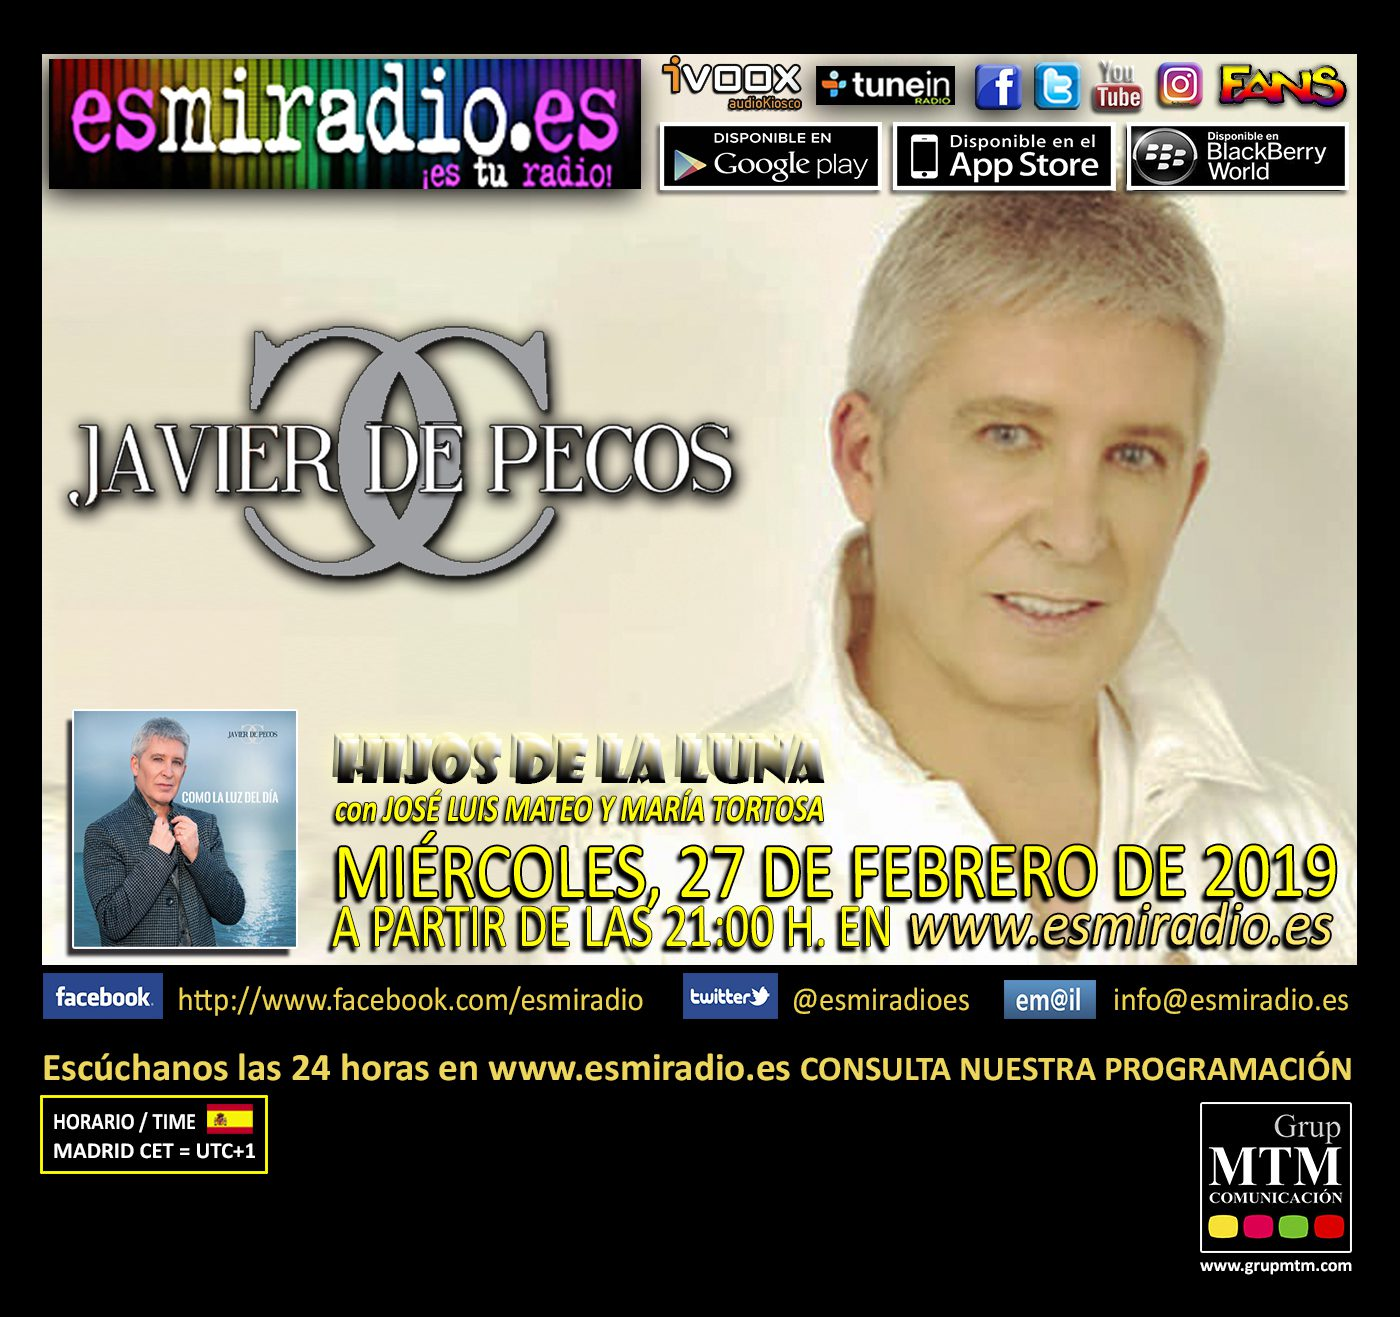 Javier de Pecos en esmiradio.es el Miércoles, 27 de Febrero de 2019